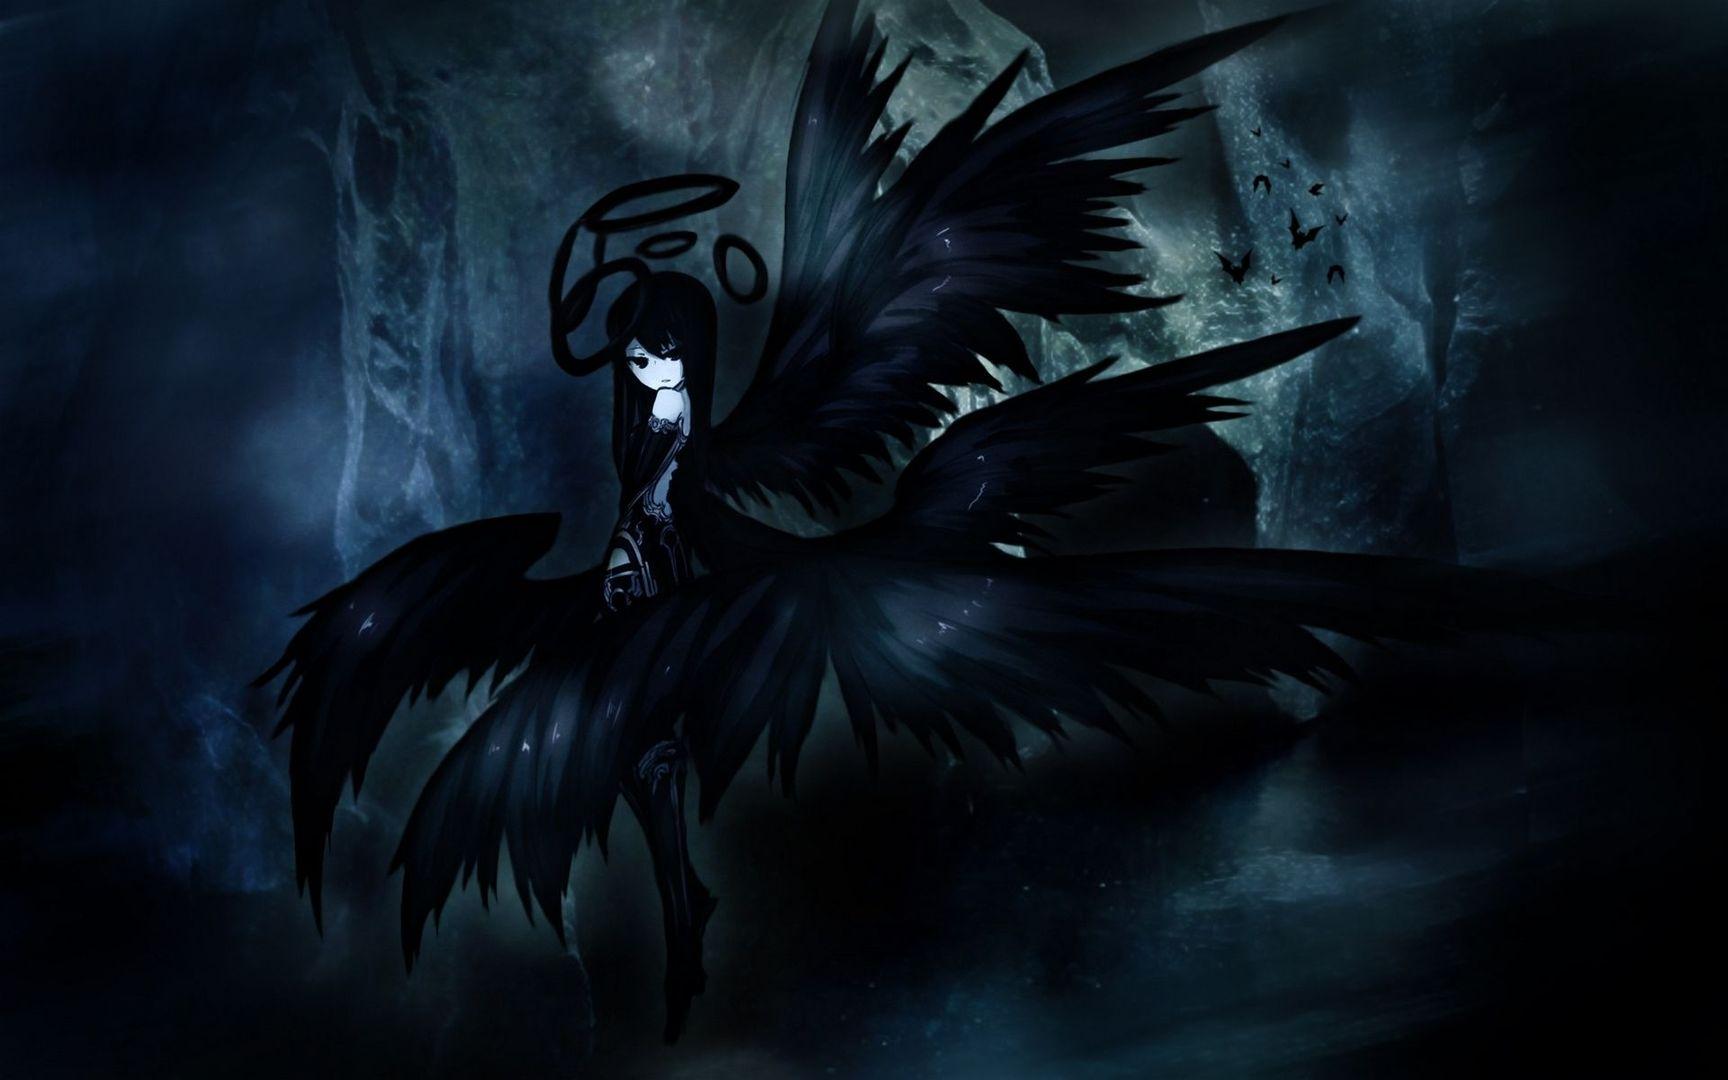 black angel anime wallpaper wallpapersafari